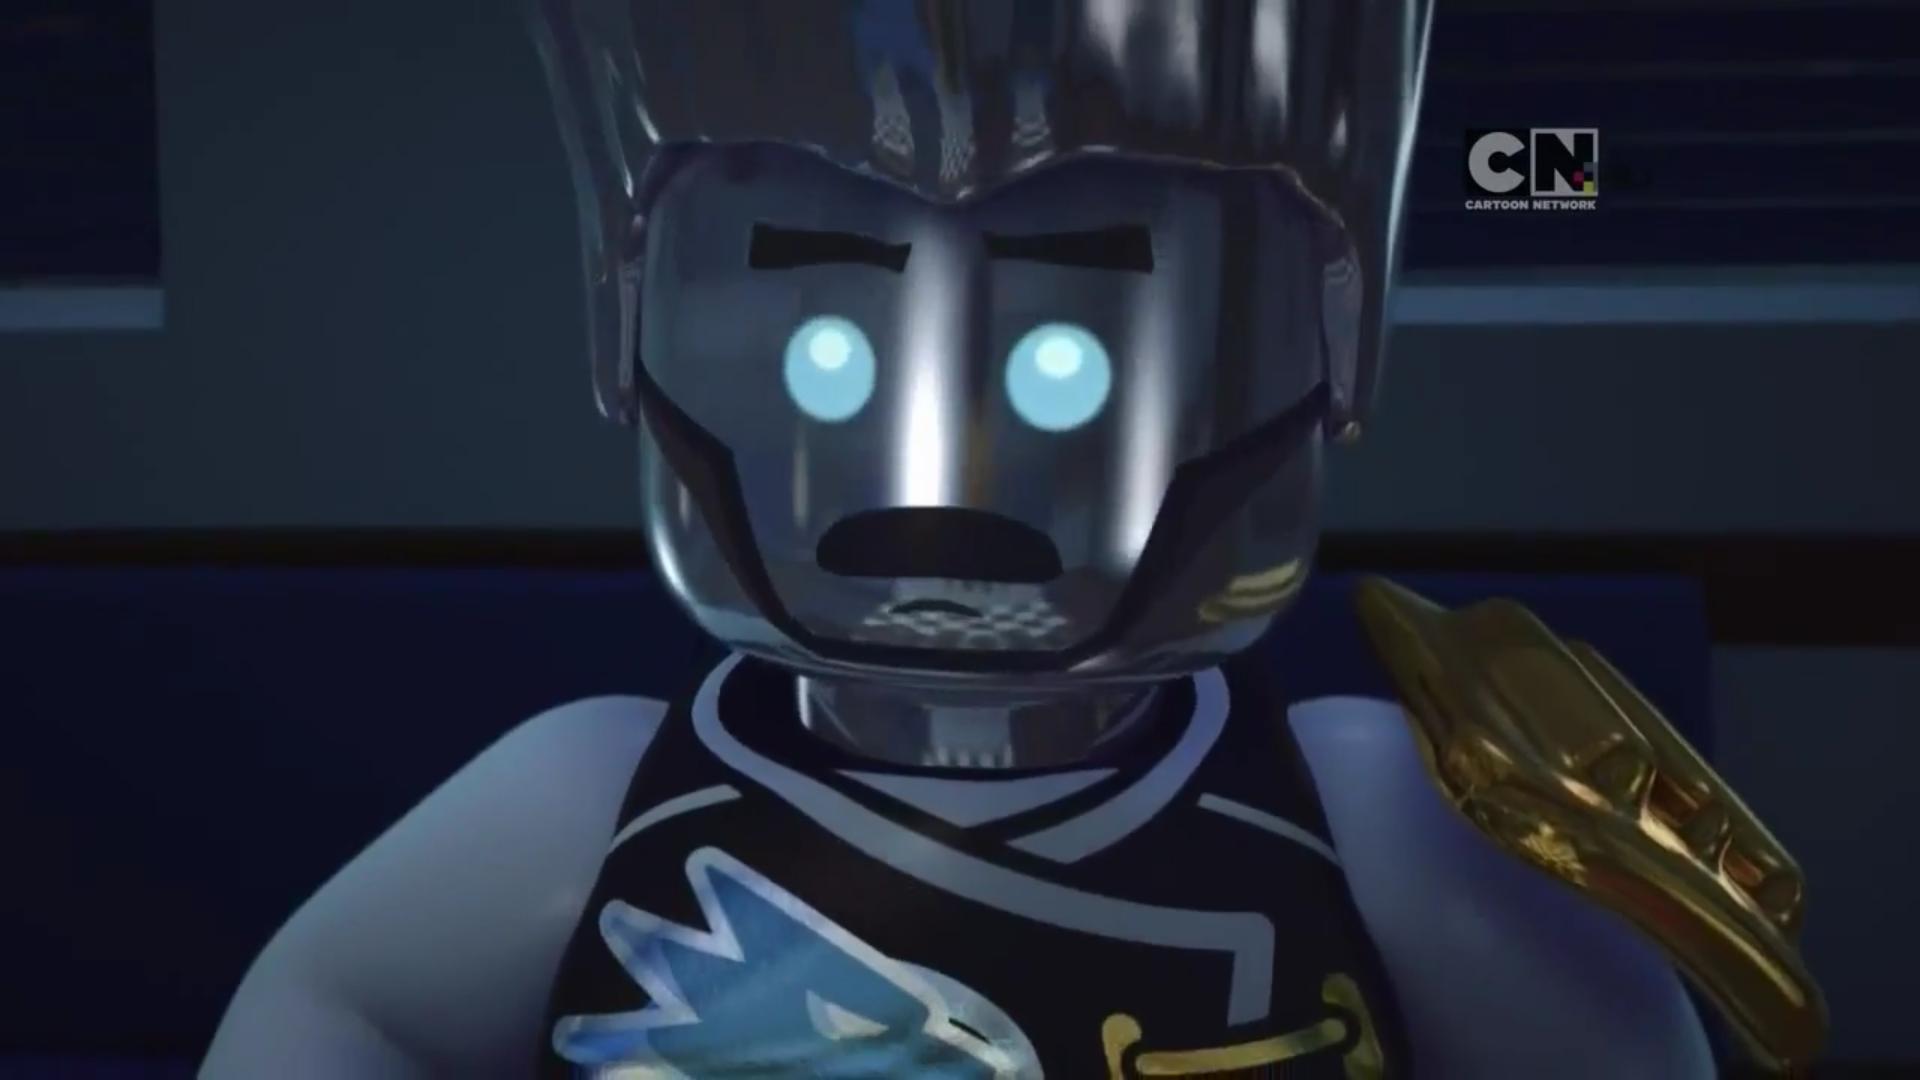 Lego ninjago season 6 zane julien ninjago pinterest lego ninjago and lego - Lego ninjago 6 ...